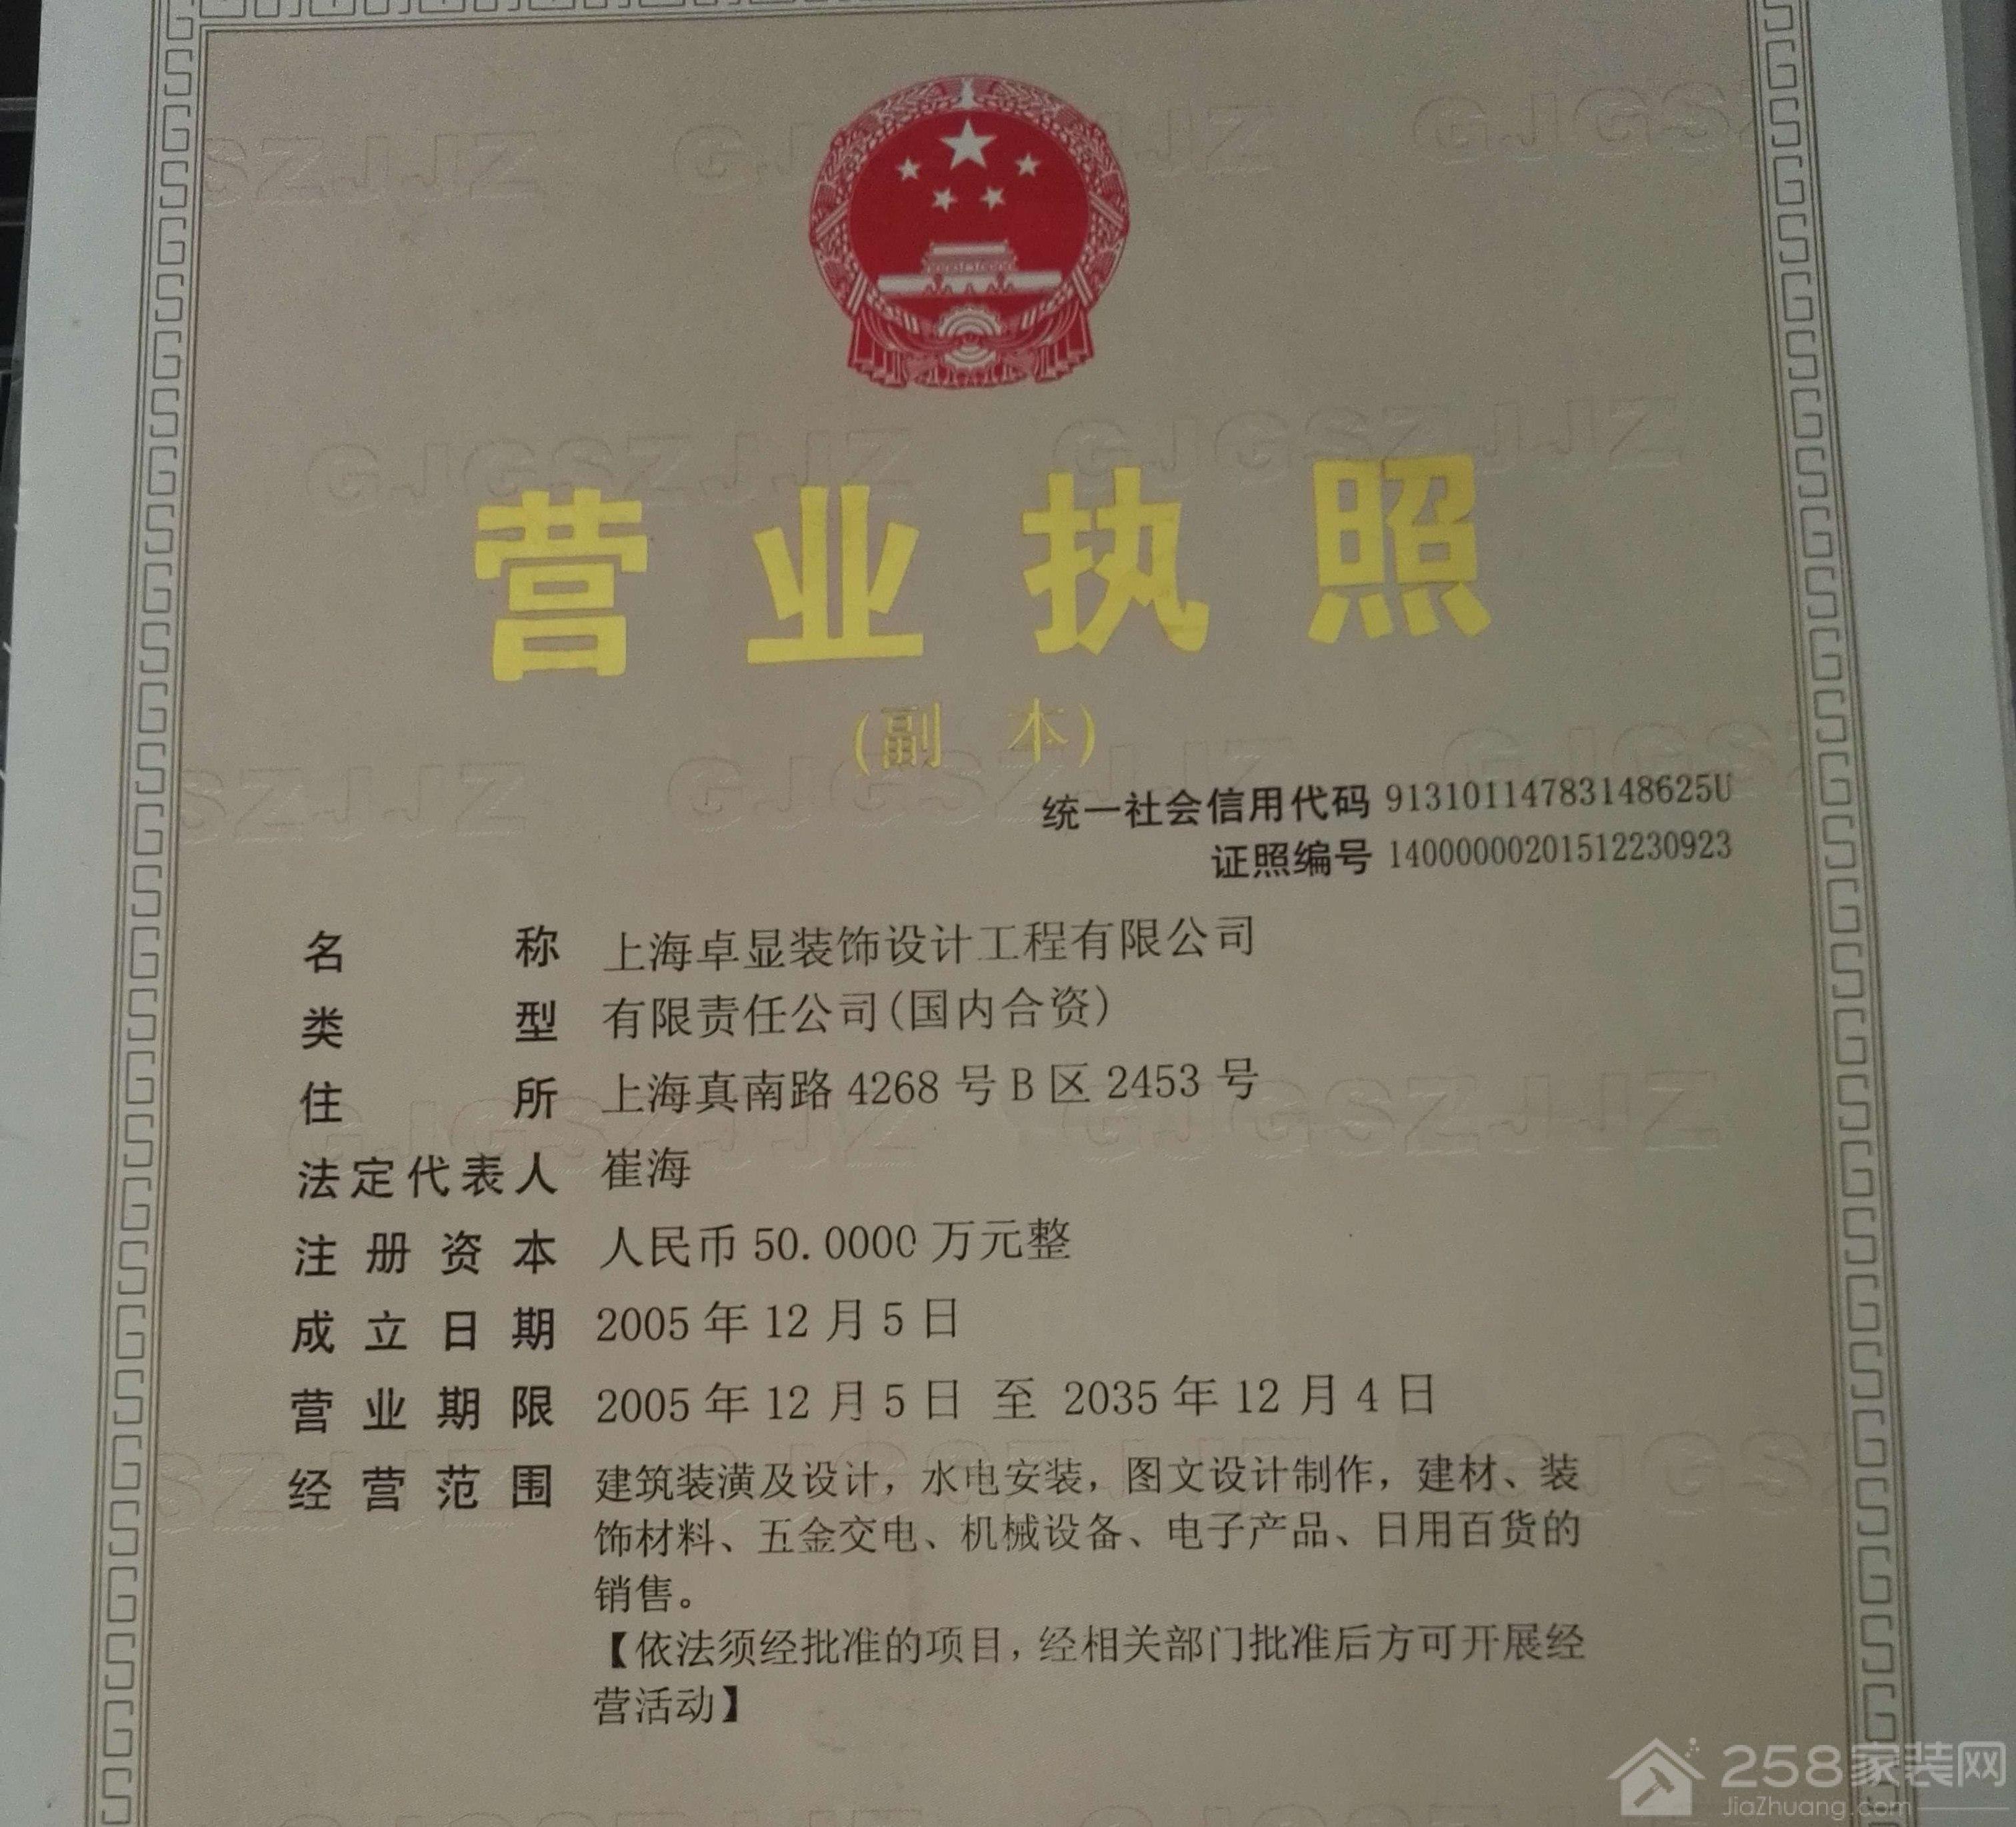 上海卓显装饰设计工程有限公司